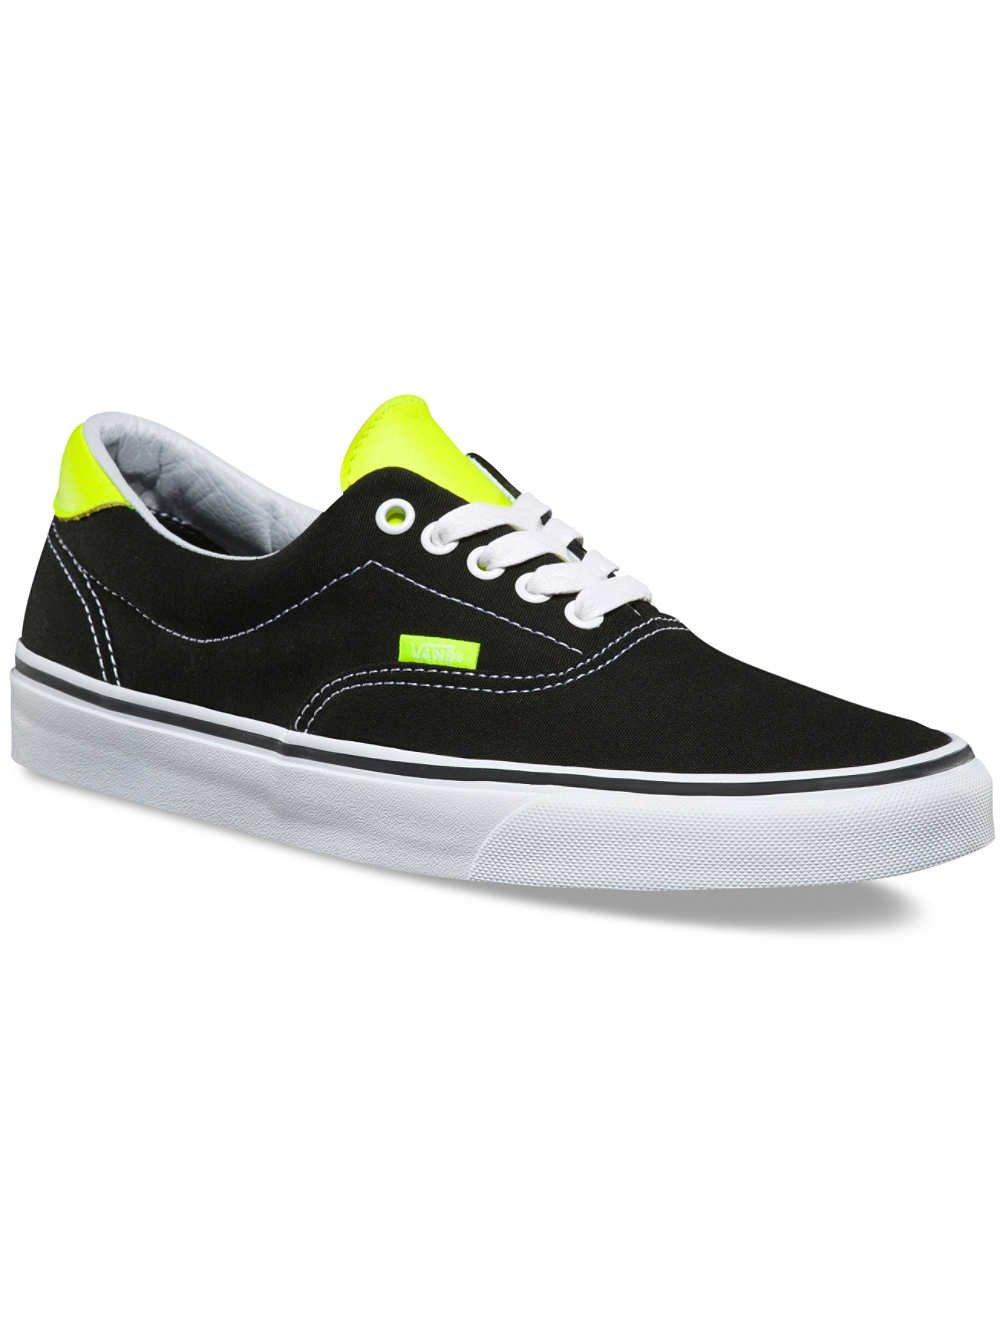 28459ee829 Galleon - Vans Unisex Era 59 (Neon Leather) Black Neon Yellow Men s ...